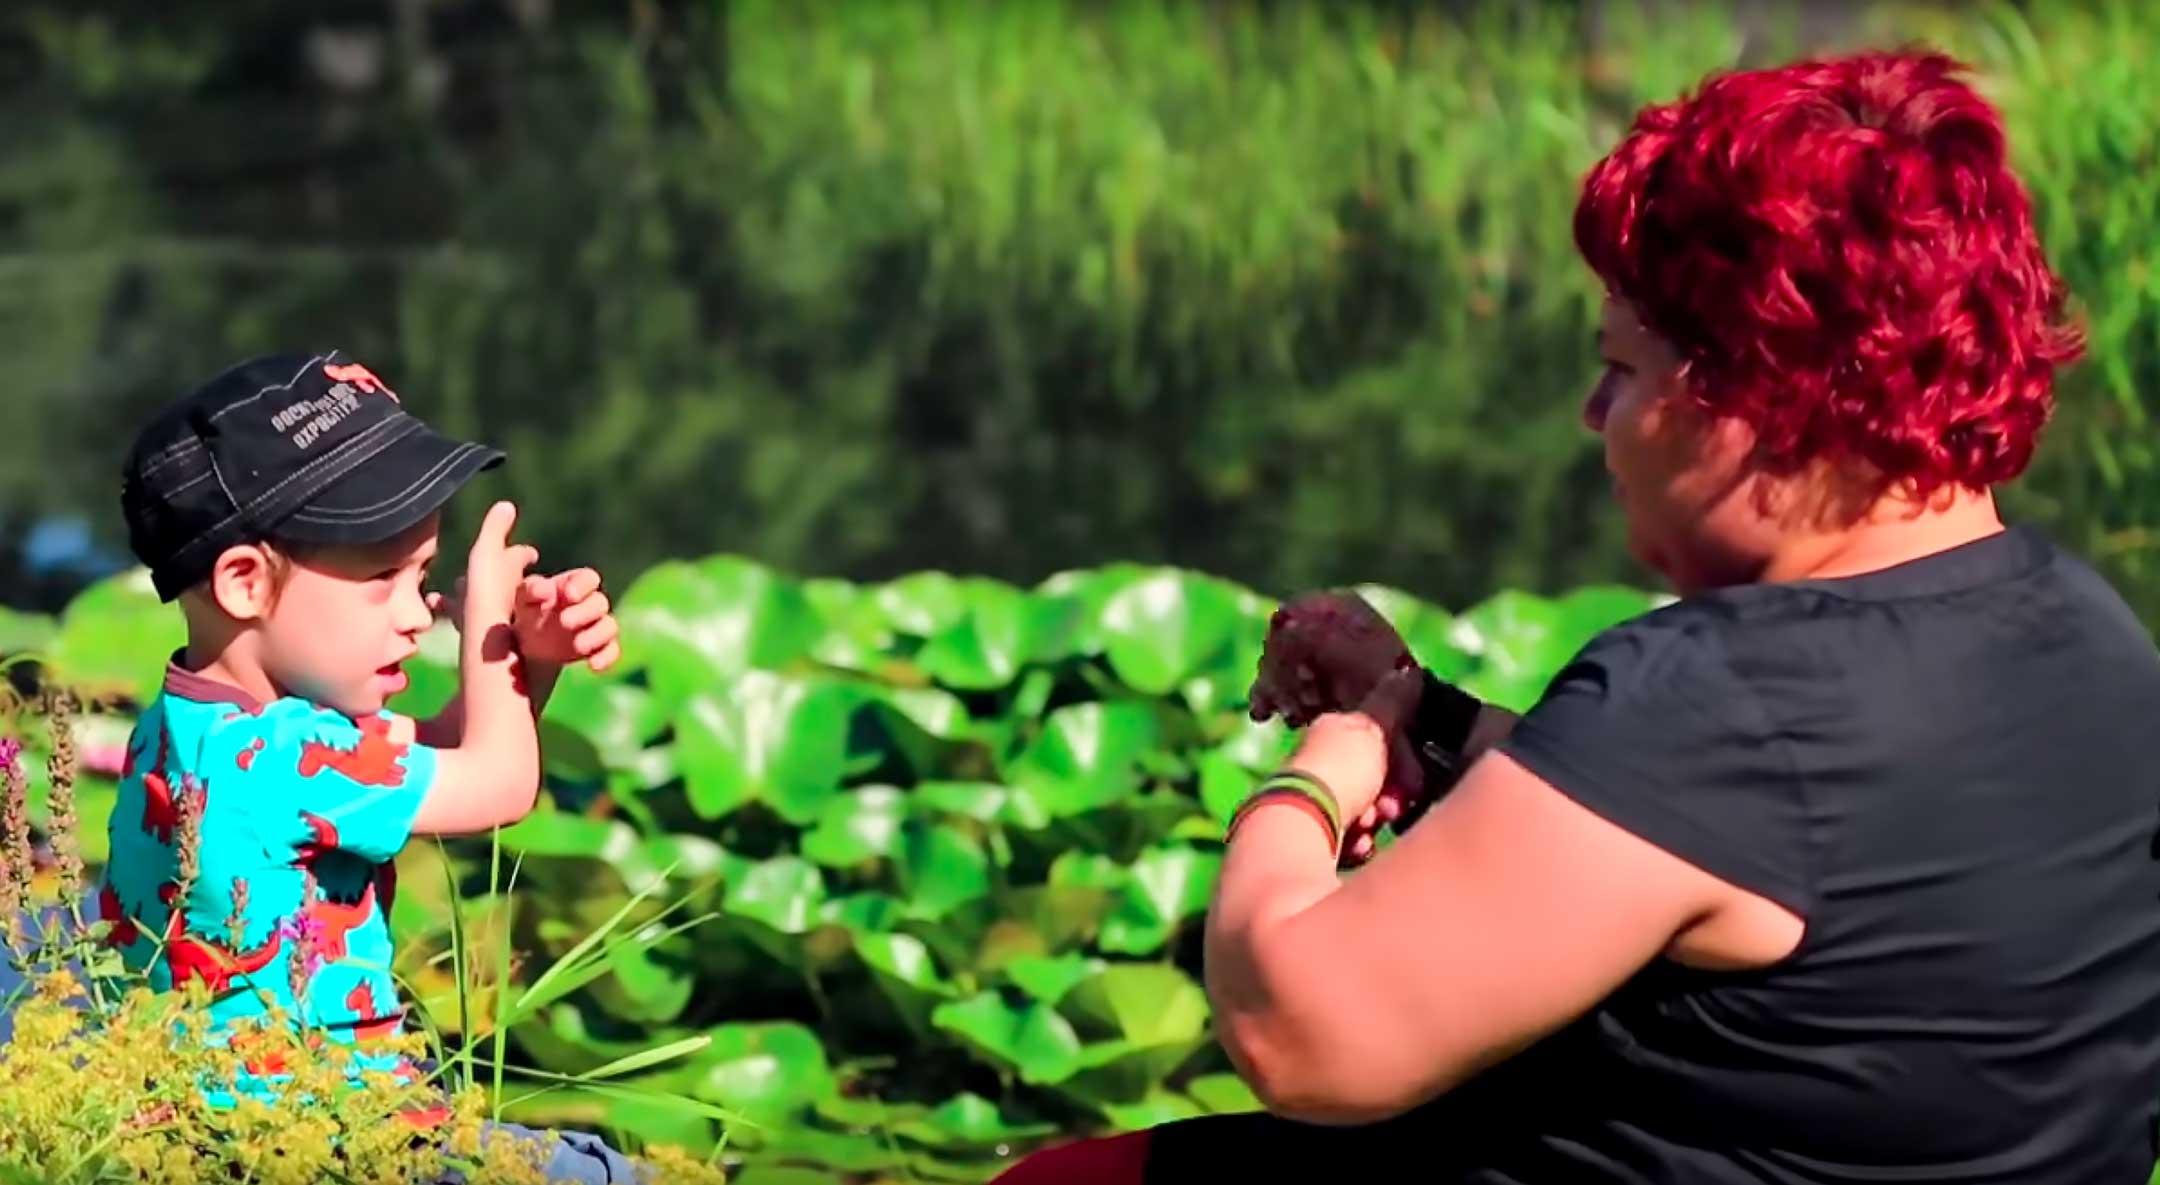 Punatukkainen nainen ja pieni poika, Verne, istuvat vihreiden kasvien keskellä ja keskustelevat viittoen. Samat henkilöt esiintyvät lukuun kuuluvassa videossa.